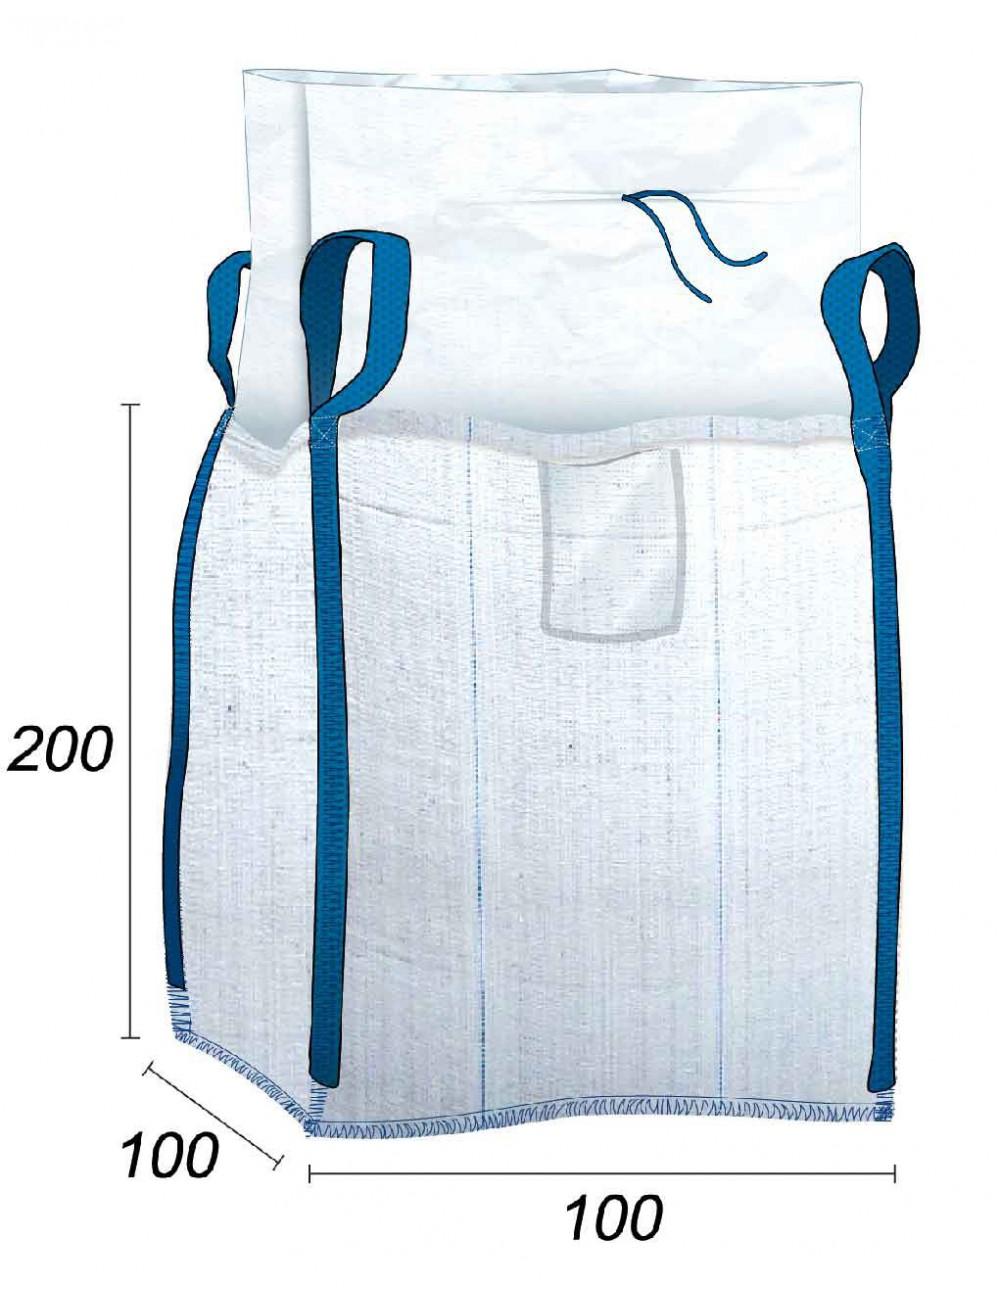 Big Bag Vide Recyclage Plastiques & Granulats